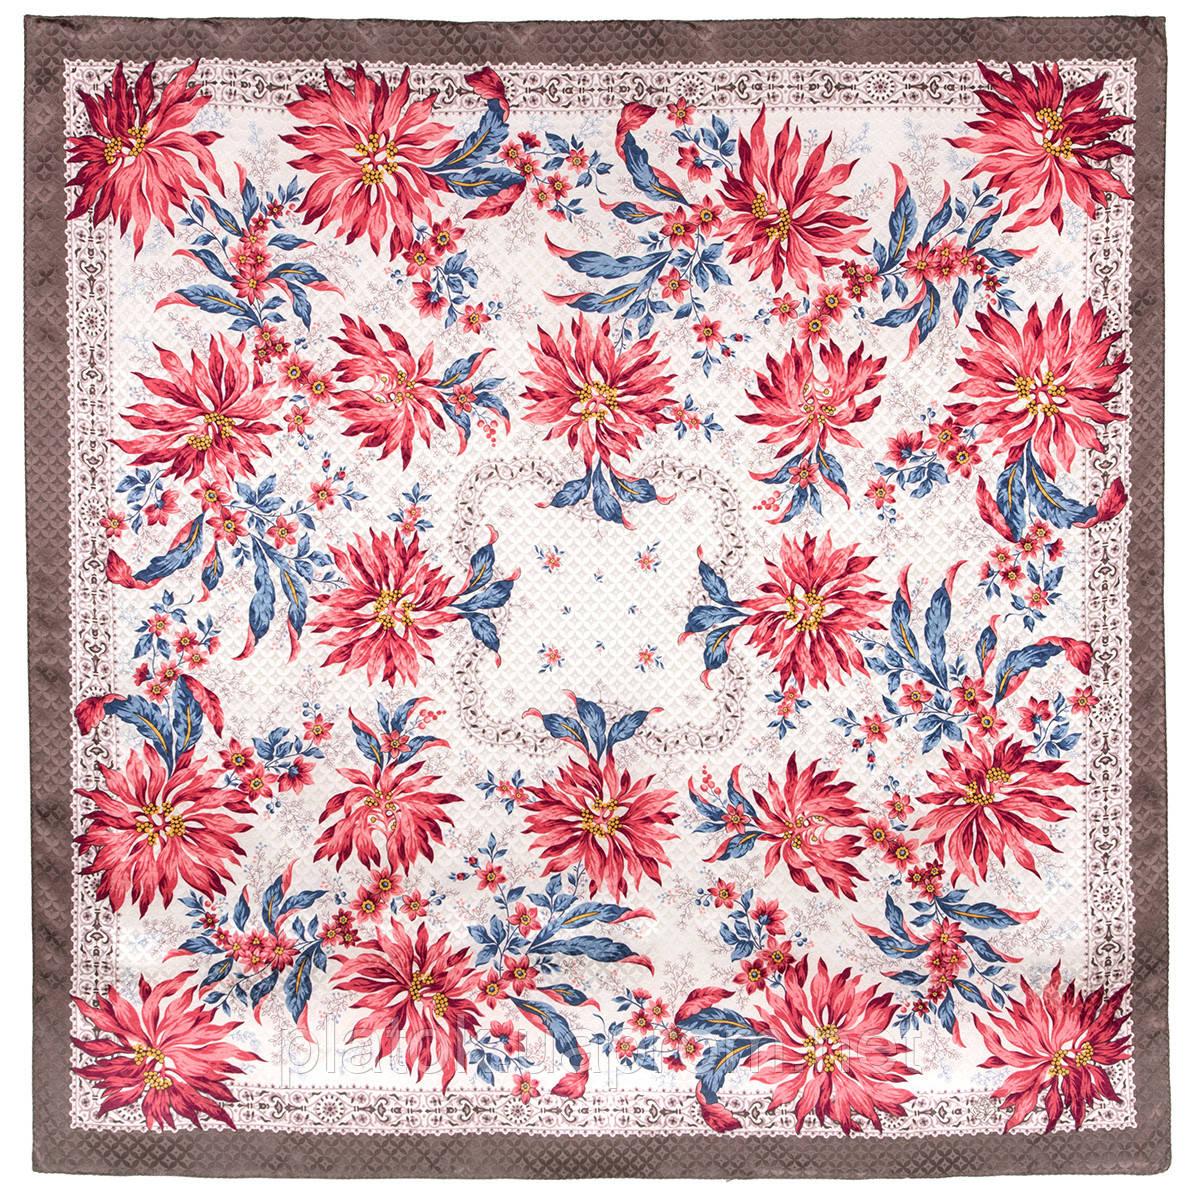 Акварели 750-16, павлопосадский платок шелковый (жаккардовый) с подрубкой